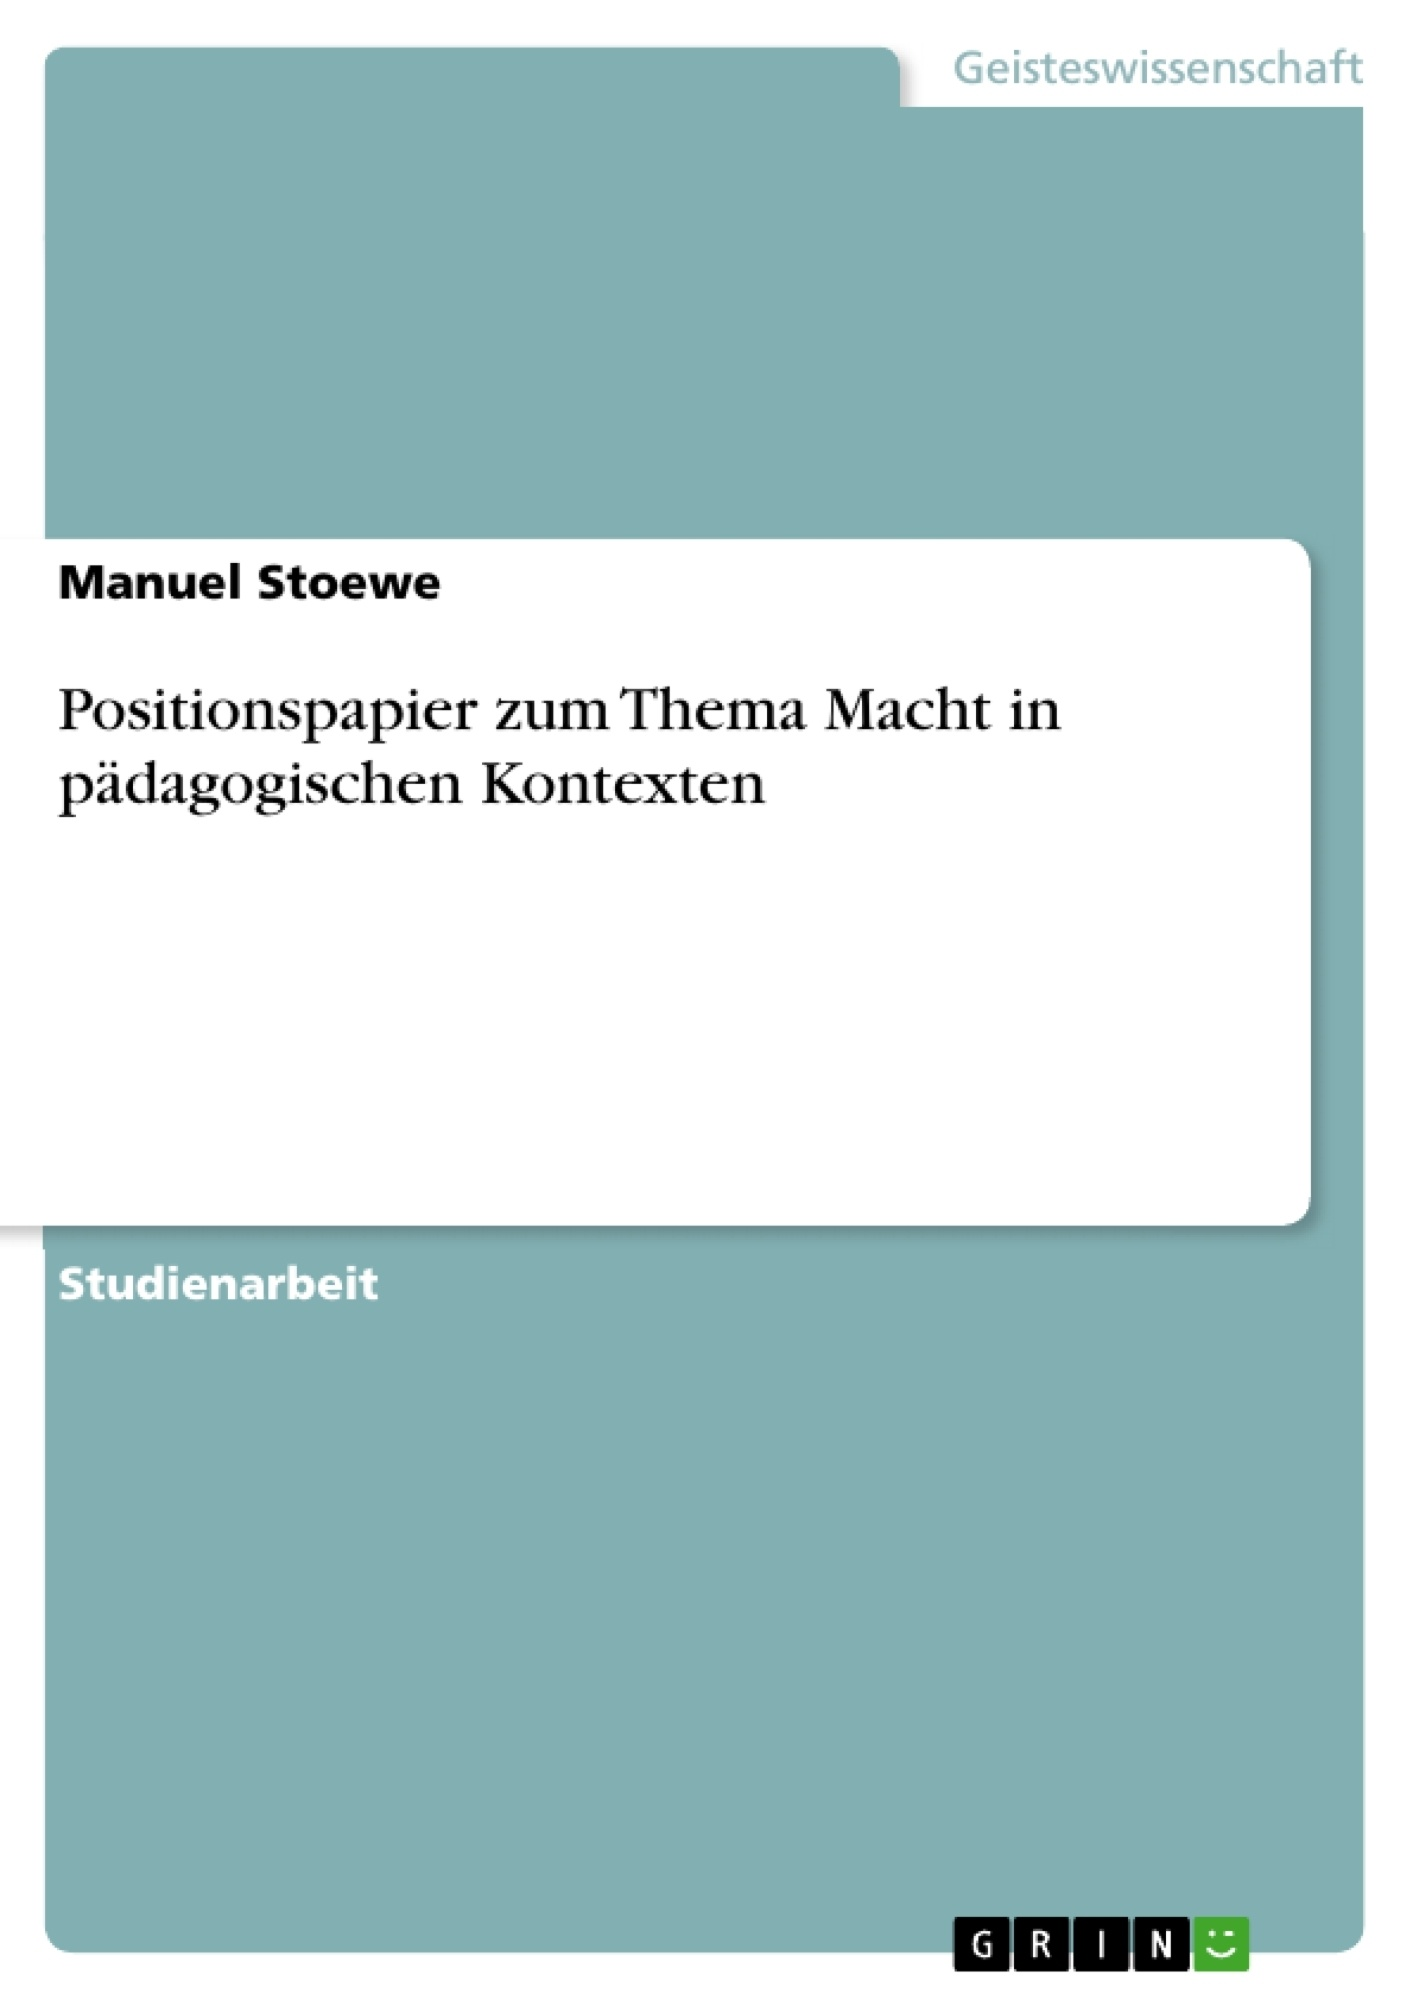 Titel: Positionspapier zum Thema Macht in pädagogischen Kontexten